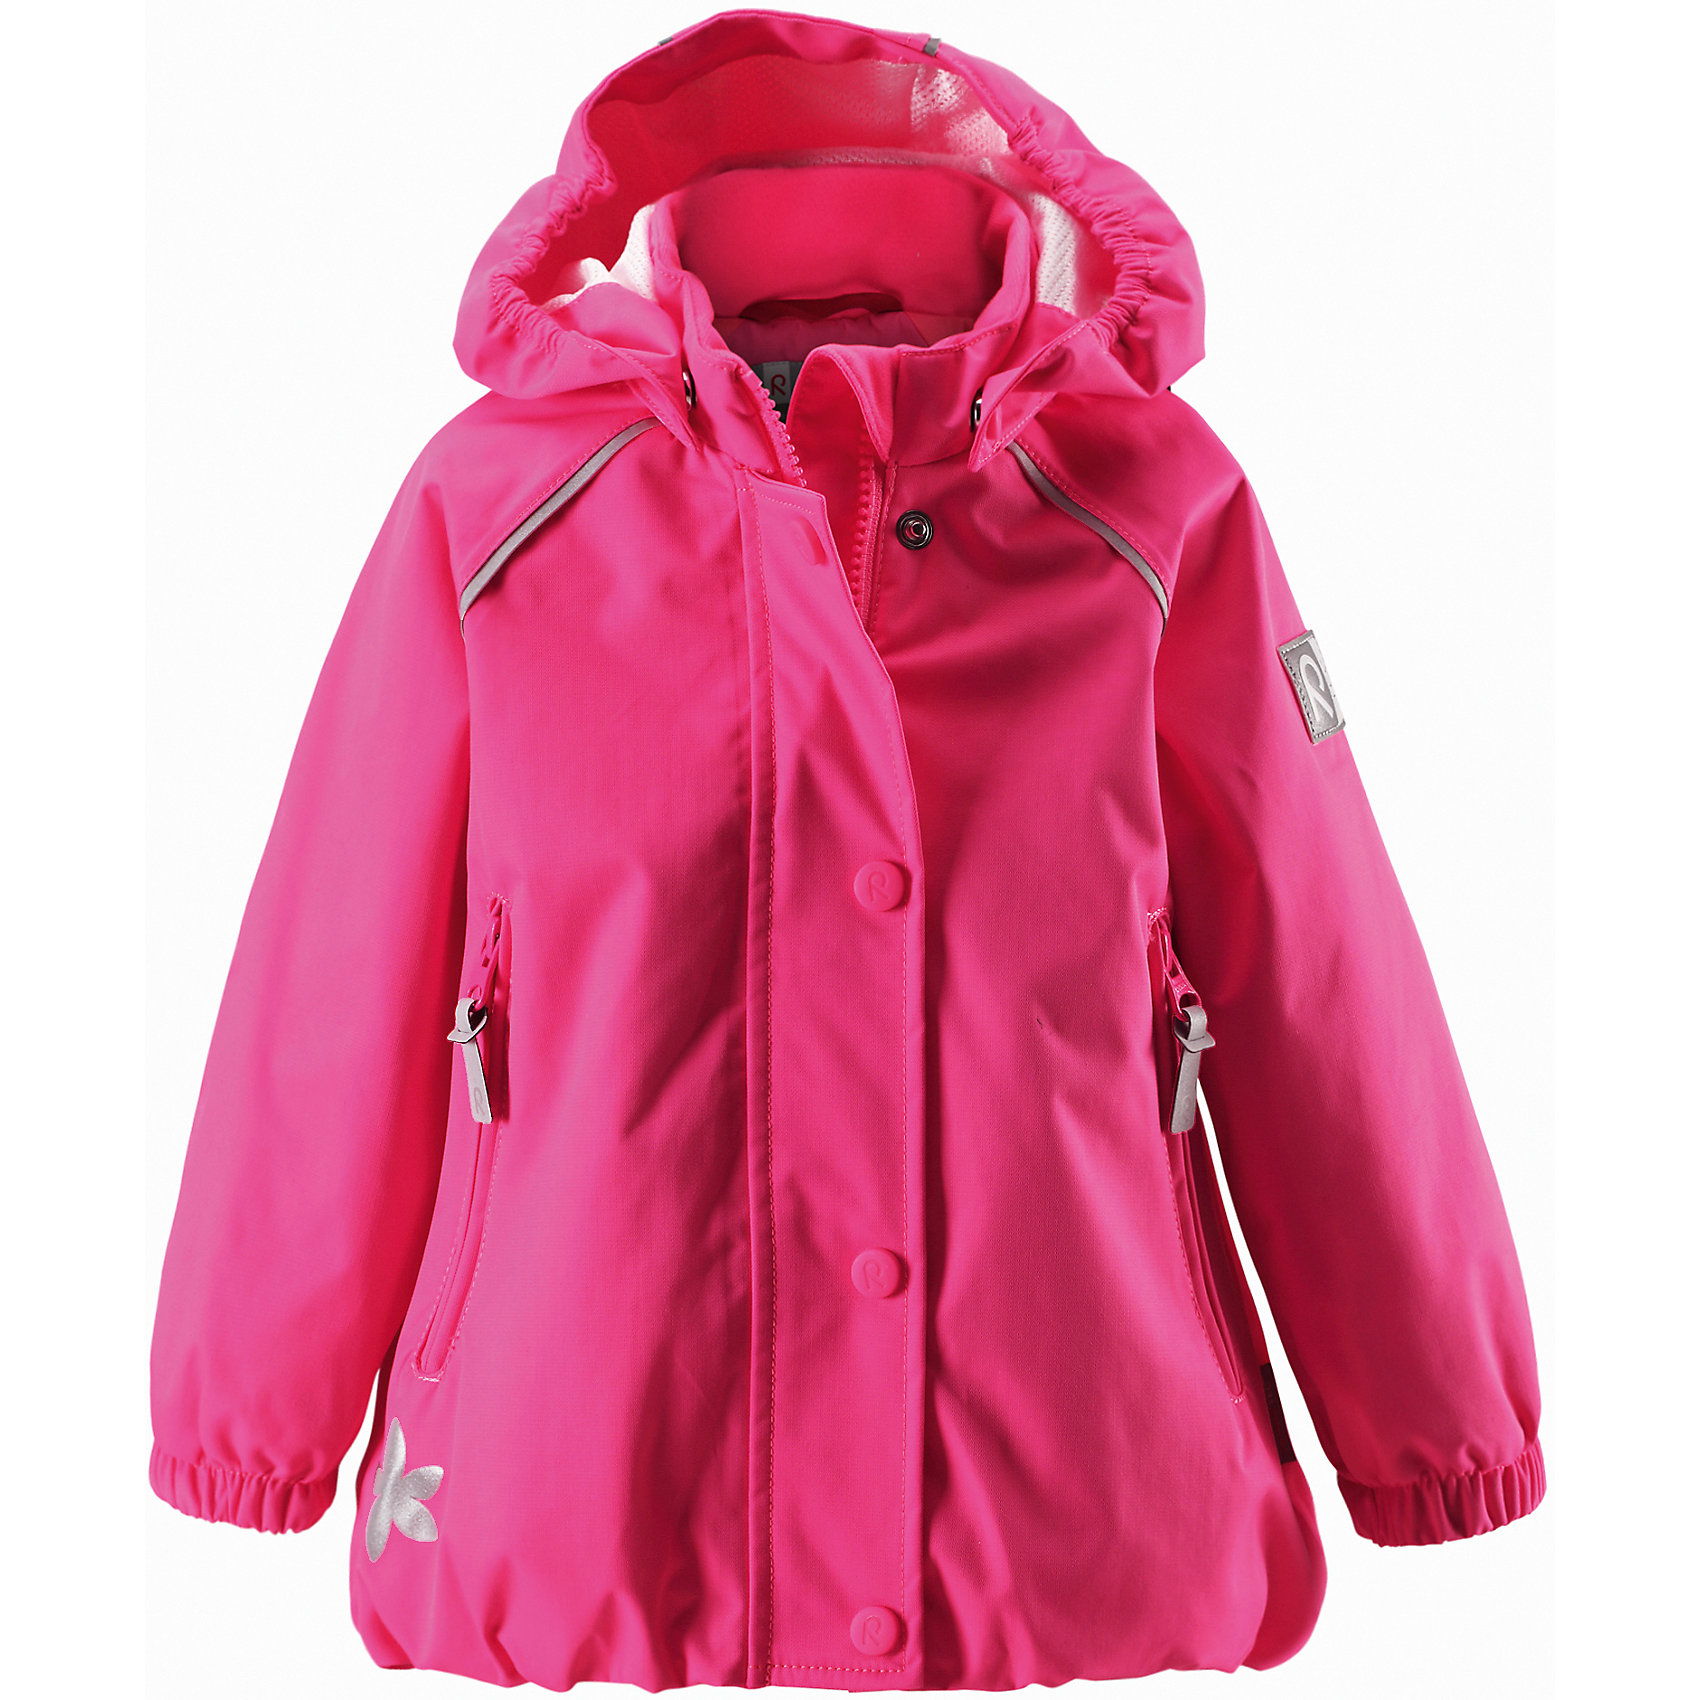 Куртка для девочки ReimaОдежда<br>Куртка Reimatec от финской марки Reima.<br>*Куртка демисезонная для малышей*Все швы проклеены и водонепроницаемы*Водо- и ветронепроницаемый, «дышащий» и грязеотталкивающий материал*Подкладка из mesh-сетки*Безопасный, съемный капюшон*Регулируемый подол*Два кармана на молнии*Безопасные светоотражающие детали<br>Состав:<br>100% ПА, ПУ-покрытие<br><br>Ширина мм: 356<br>Глубина мм: 10<br>Высота мм: 245<br>Вес г: 519<br>Цвет: розовый<br>Возраст от месяцев: 9<br>Возраст до месяцев: 12<br>Пол: Женский<br>Возраст: Детский<br>Размер: 80,92,74,98,86<br>SKU: 4631338